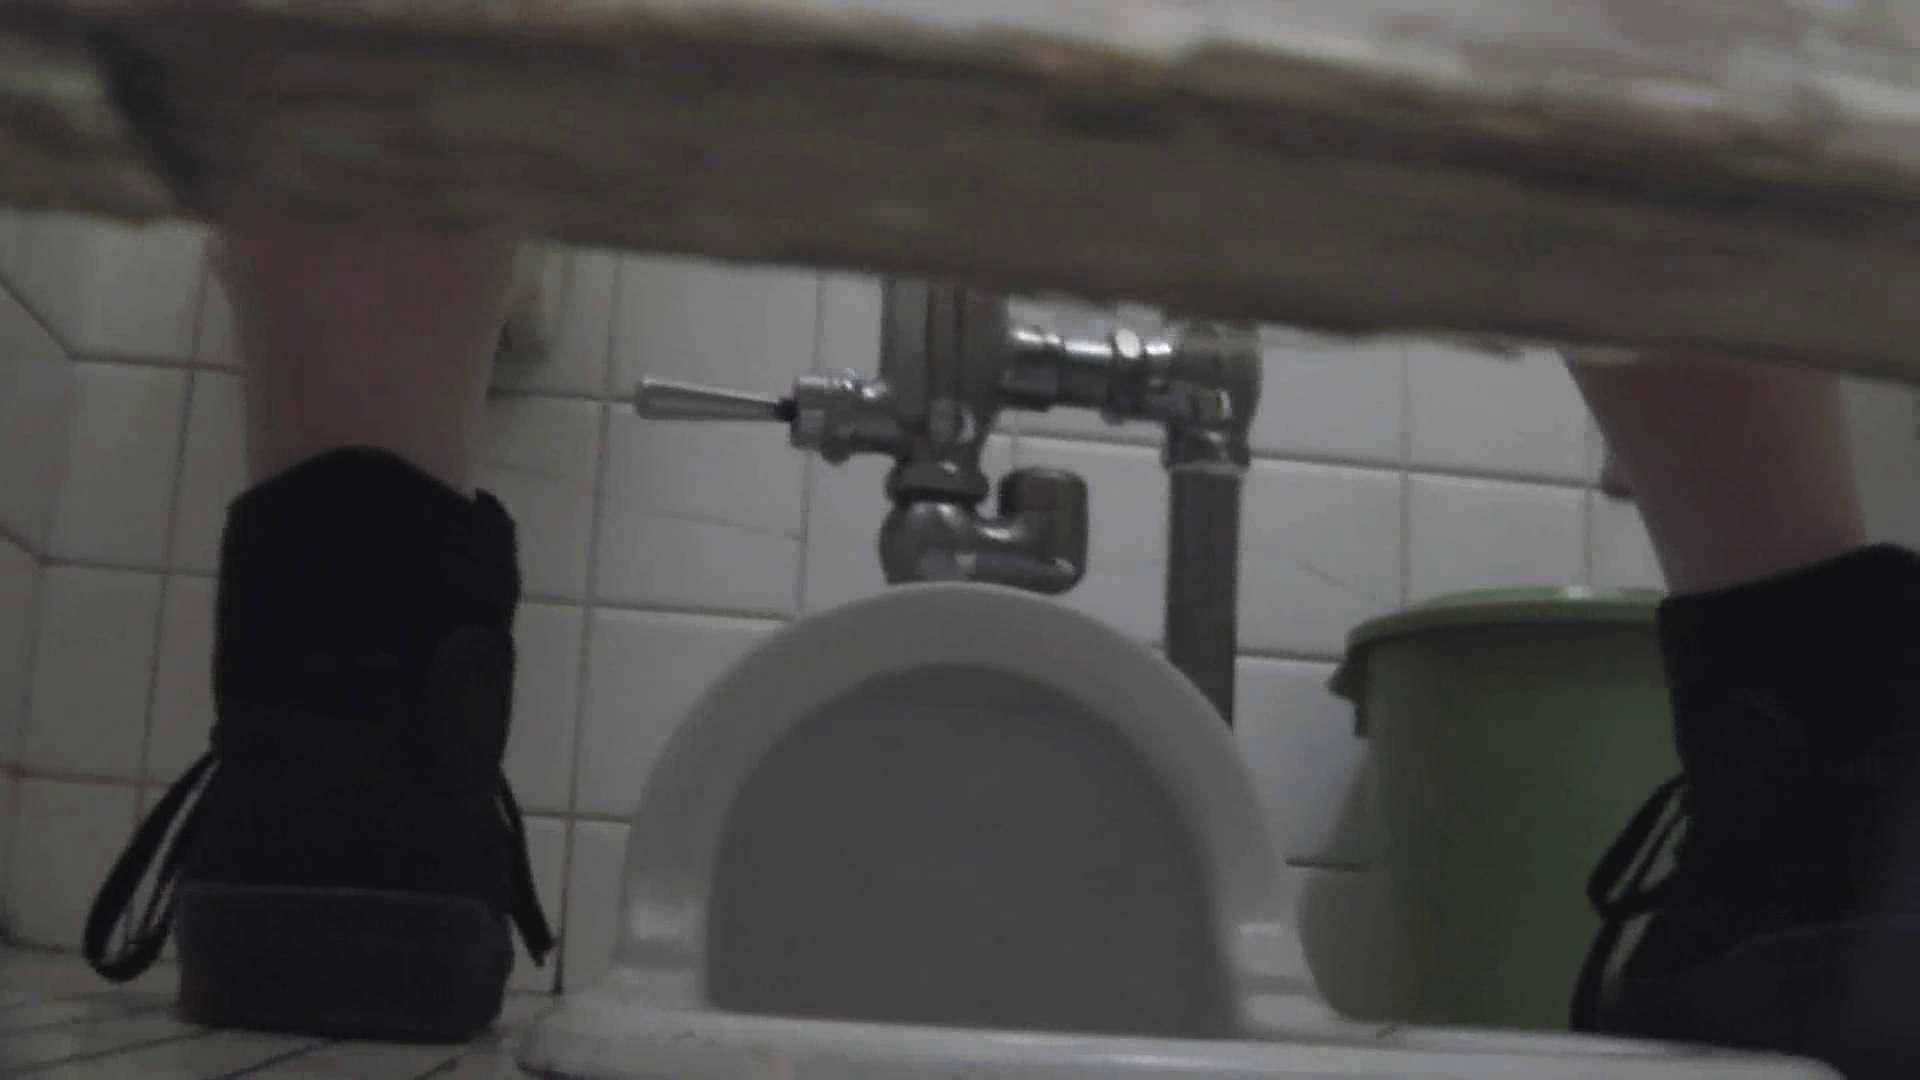 セックスアダルト動画|洗面所特攻隊 vol.004 可愛らしい女性です。|怪盗ジョーカー